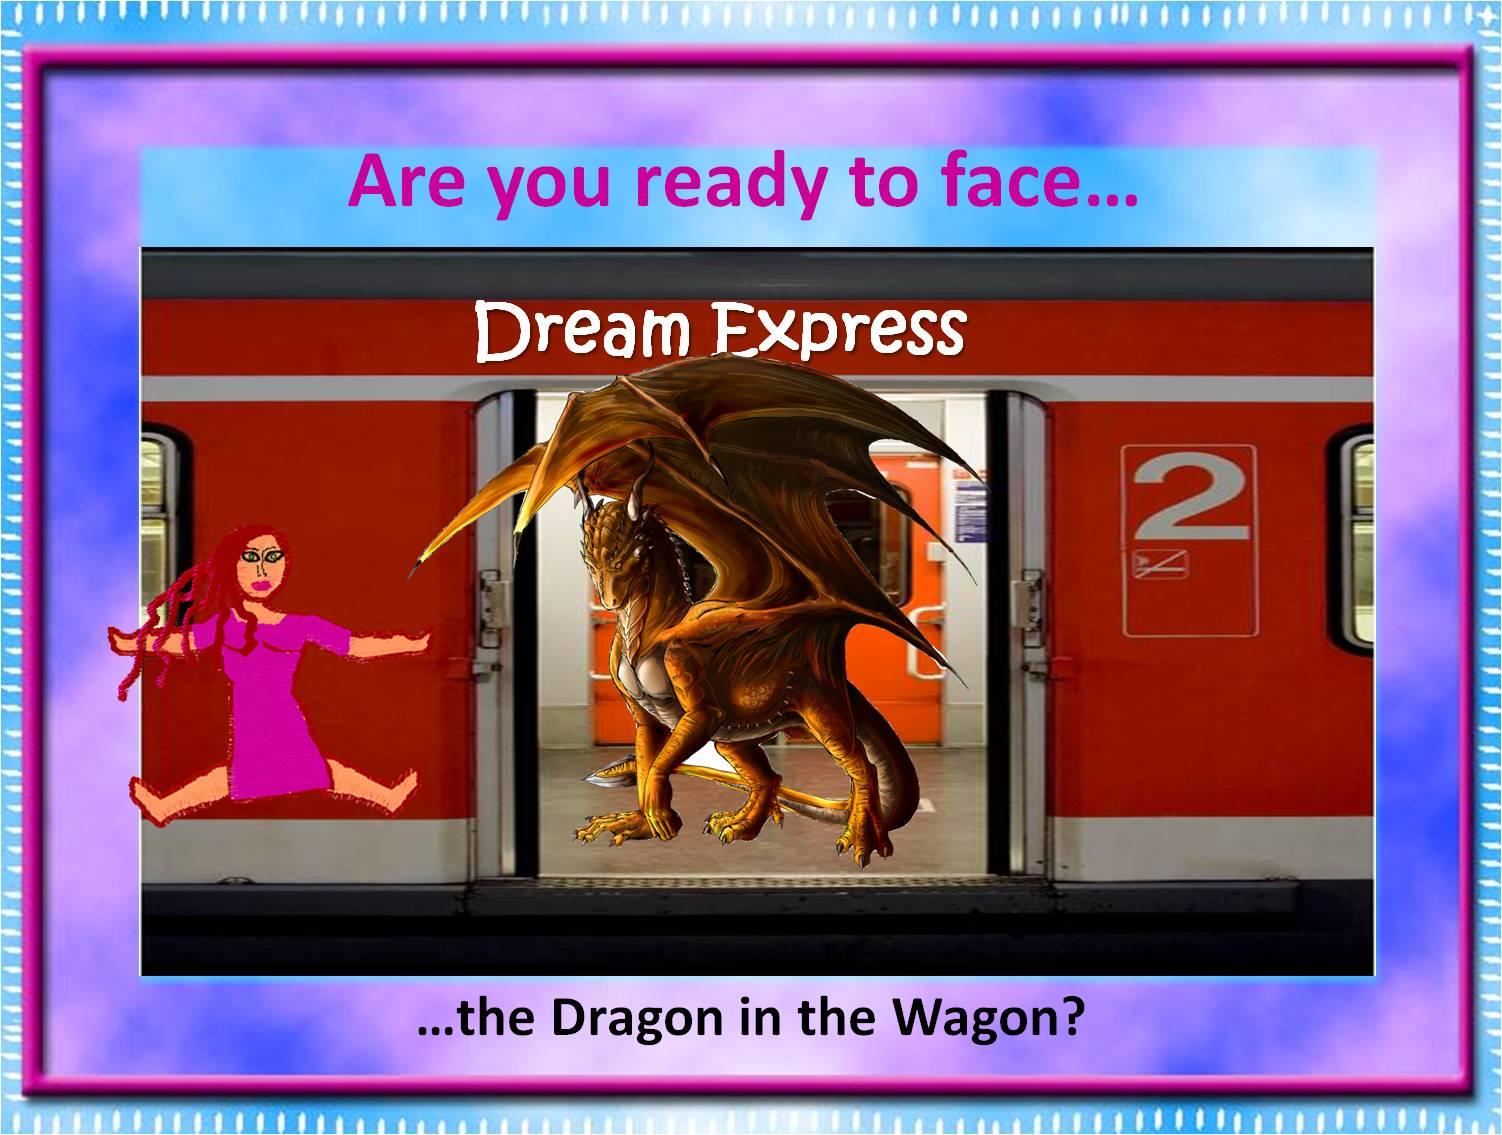 dreamexpress-virtualtourB-slide8-dragon